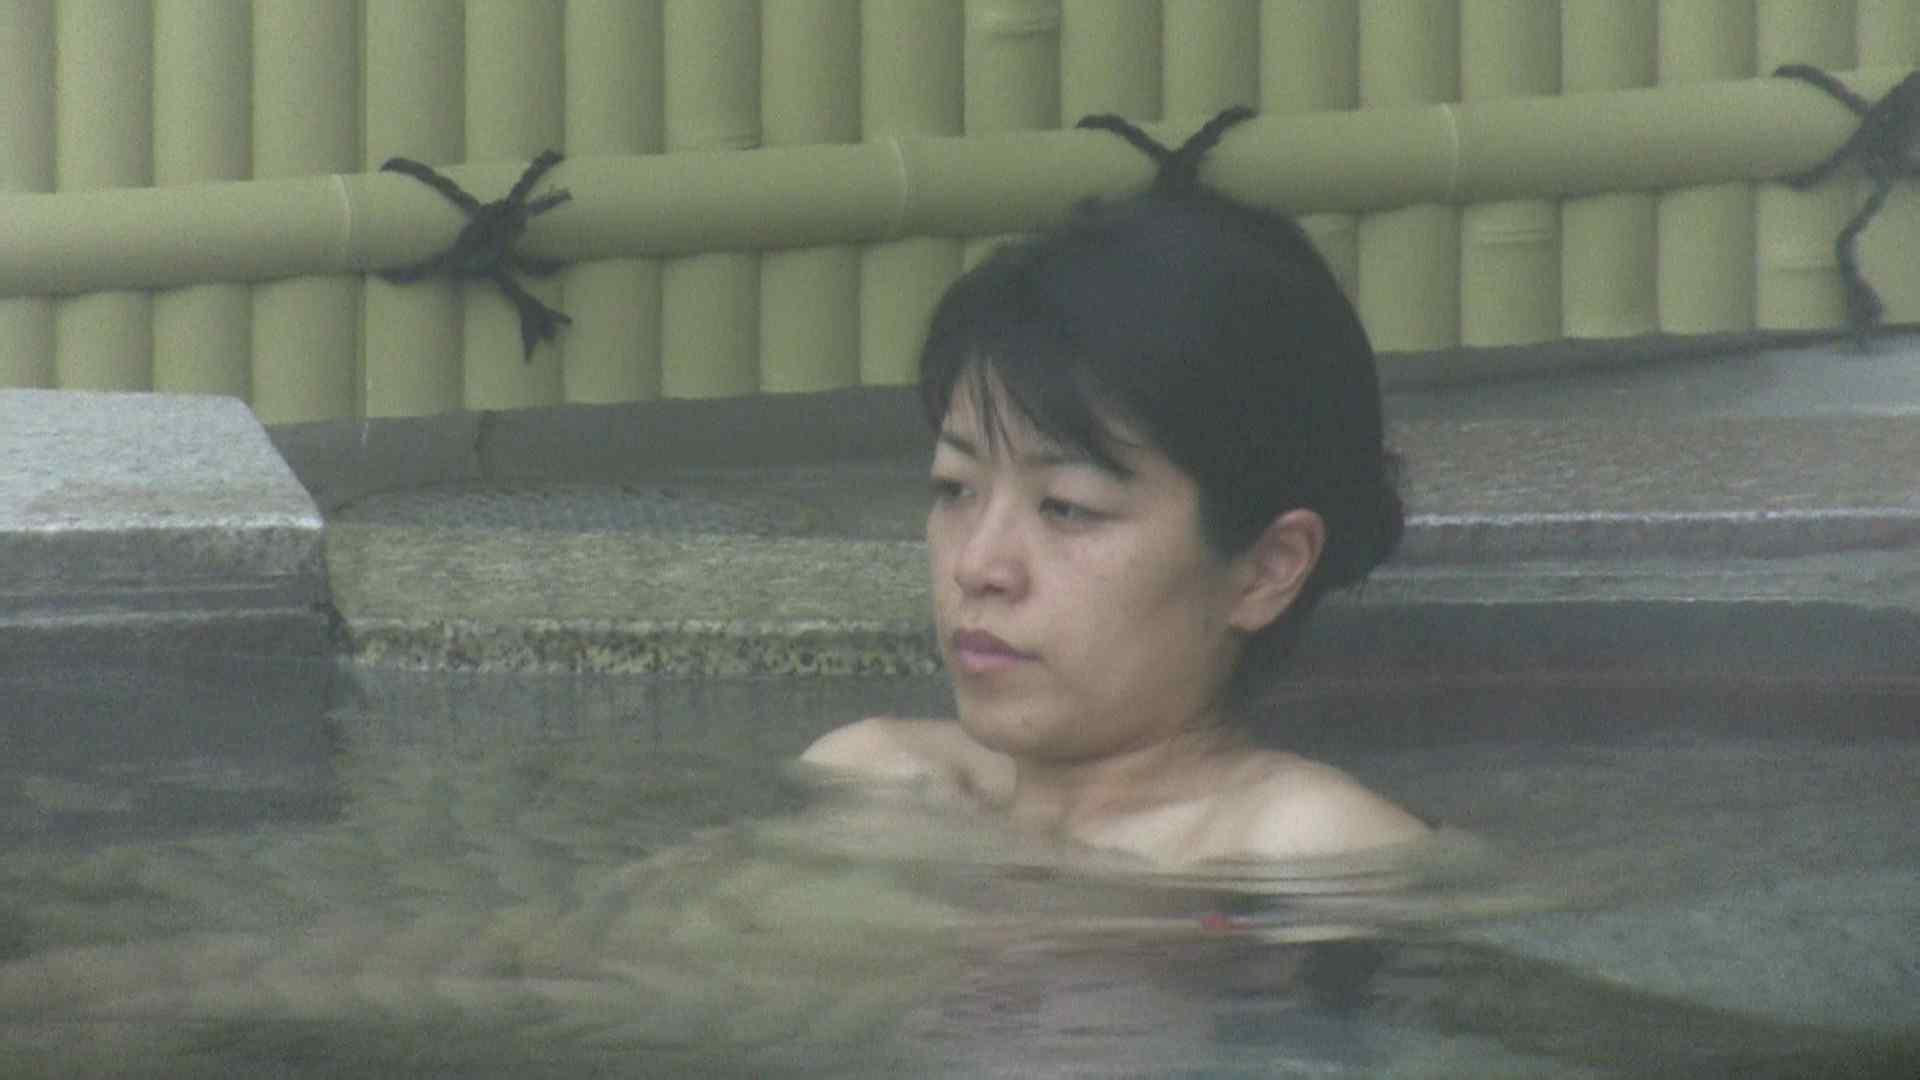 Aquaな露天風呂Vol.585 盗撮  78PICs 63